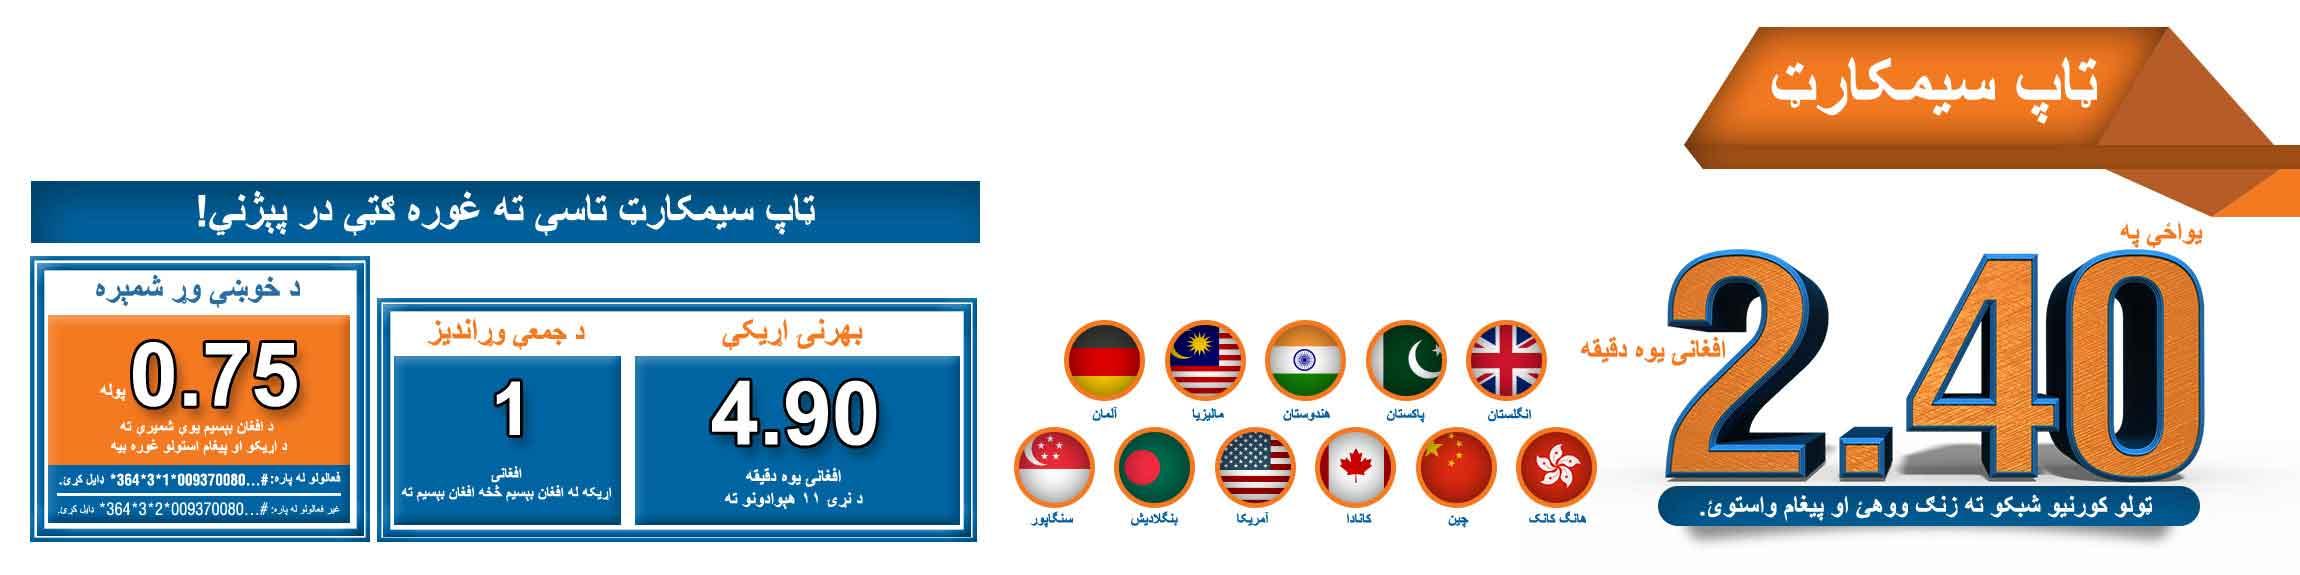 TOP-SIM-Pashto